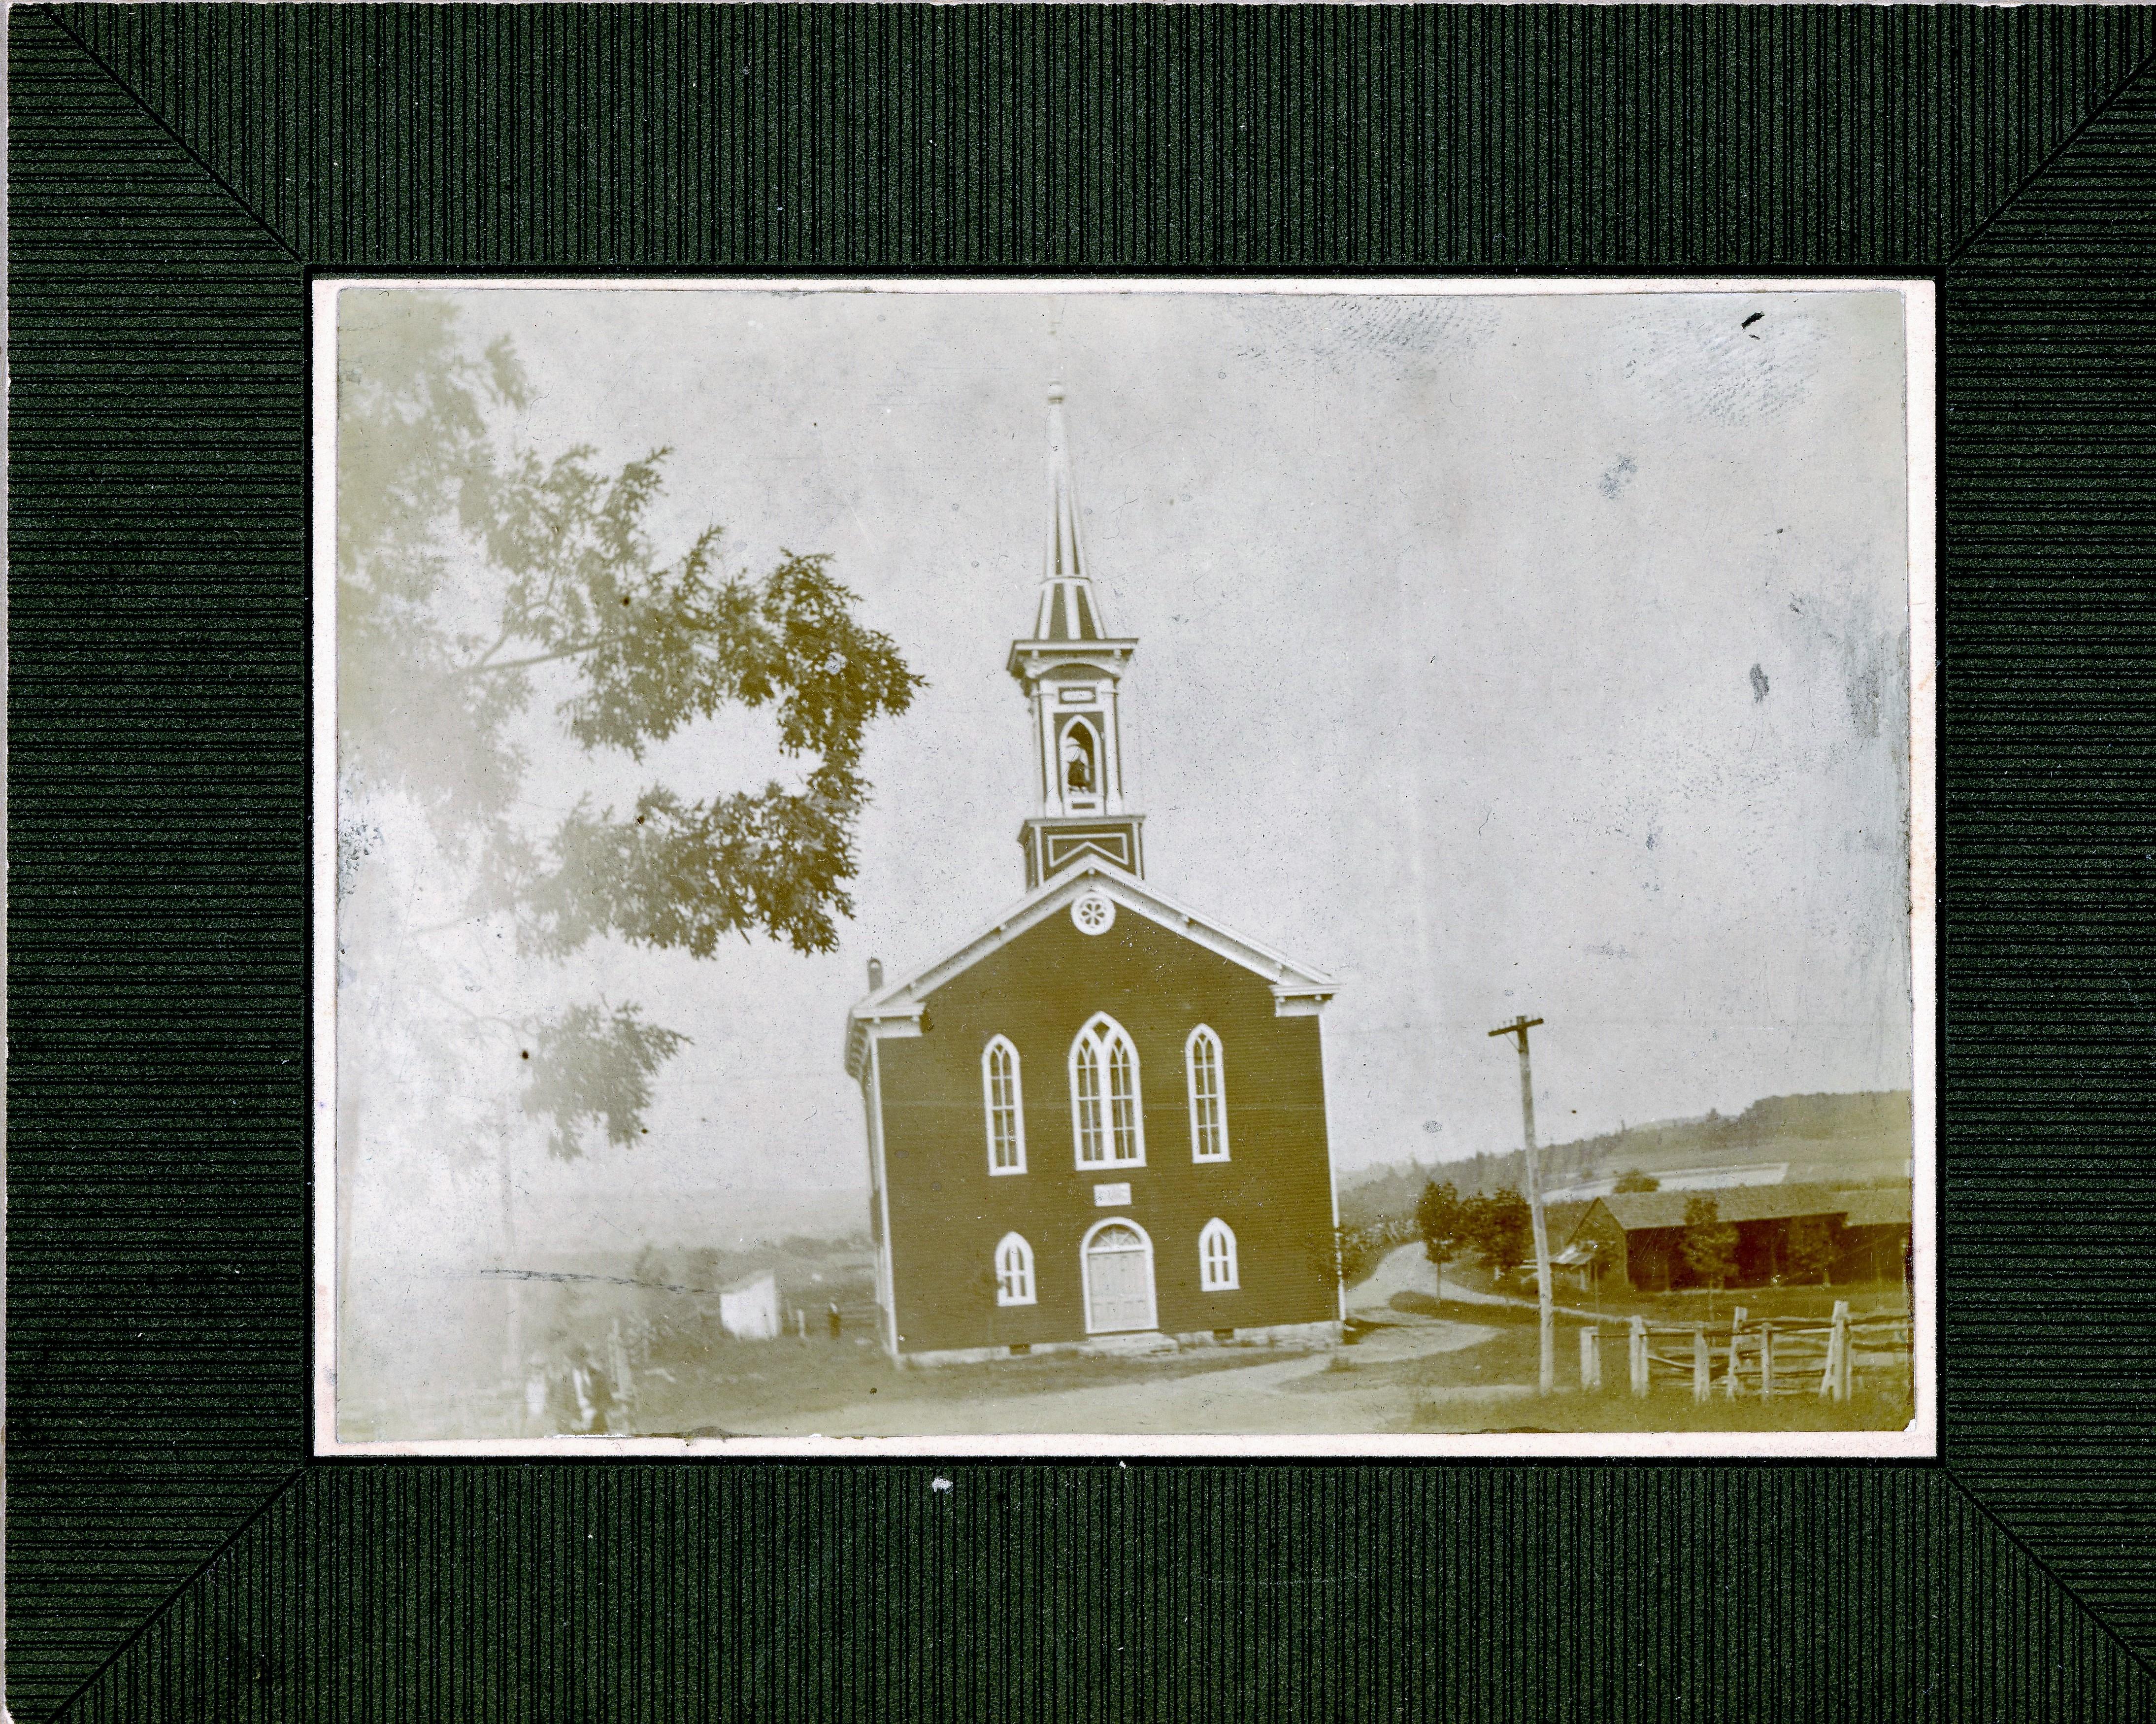 4th church